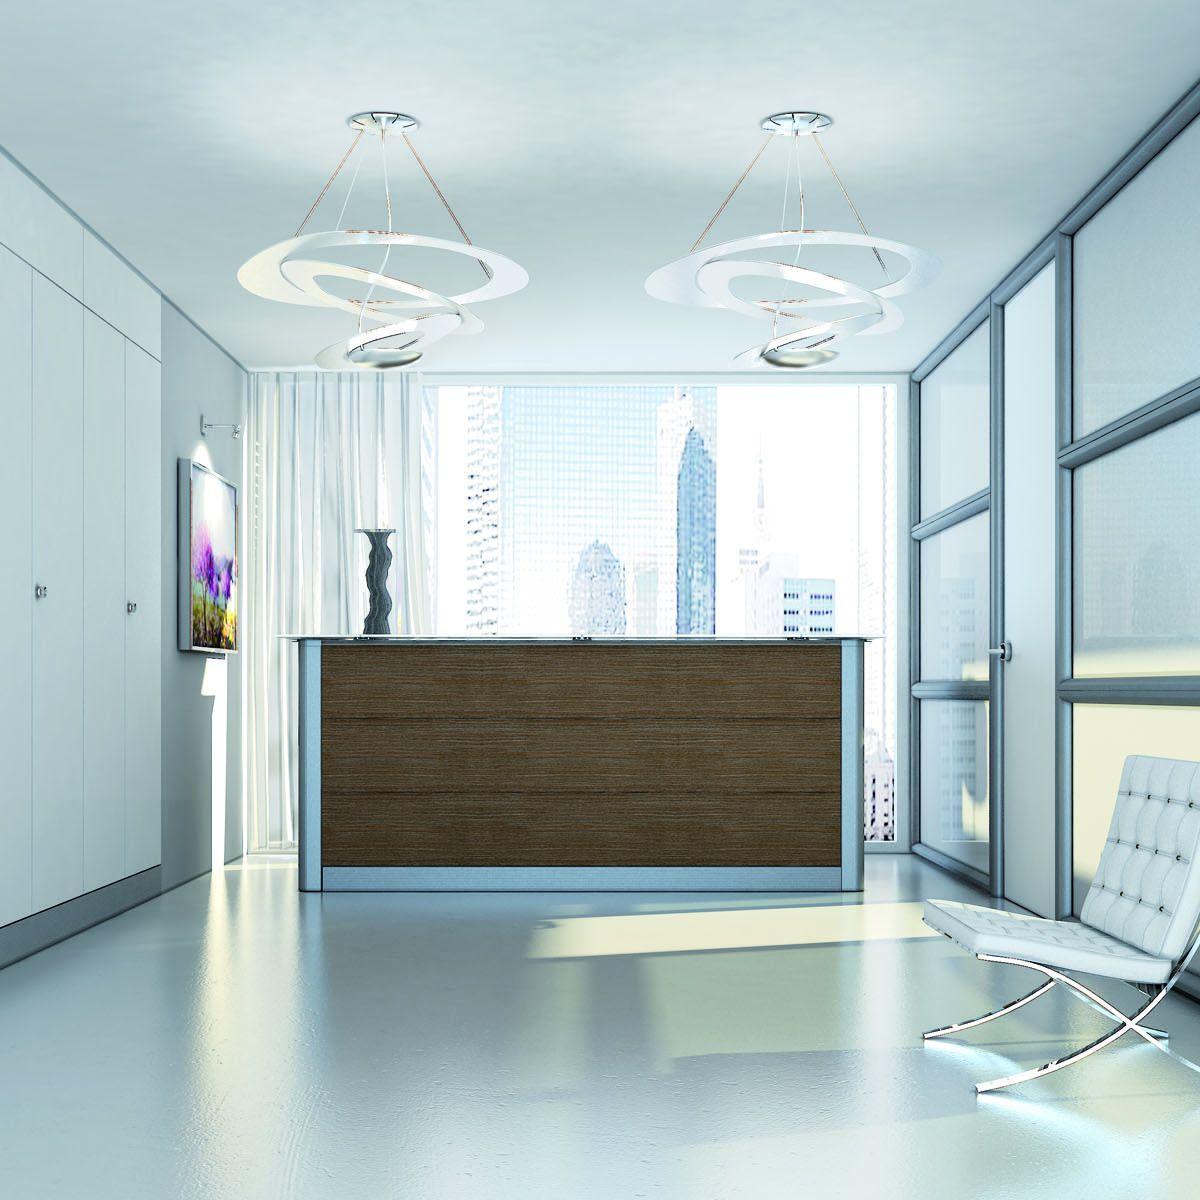 Brillanti soluzioni per uno spazio fondamentale in un luogo di lavoro: la reception!